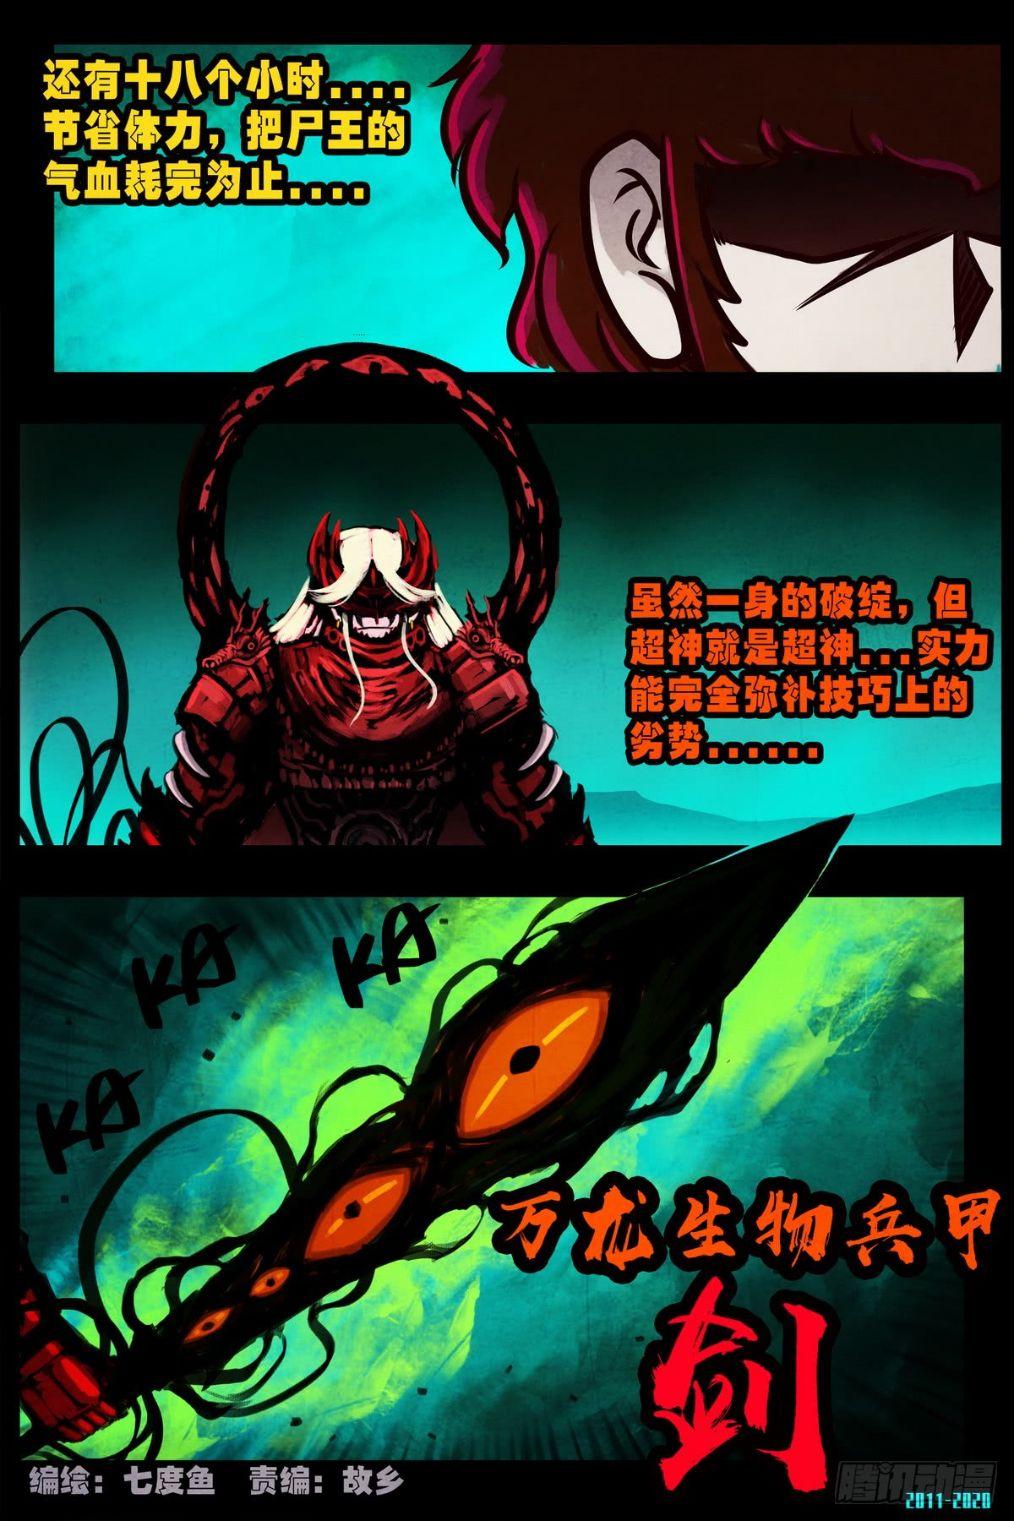 僵尸王漫画:尸兄(我叫白小飞) 第293集